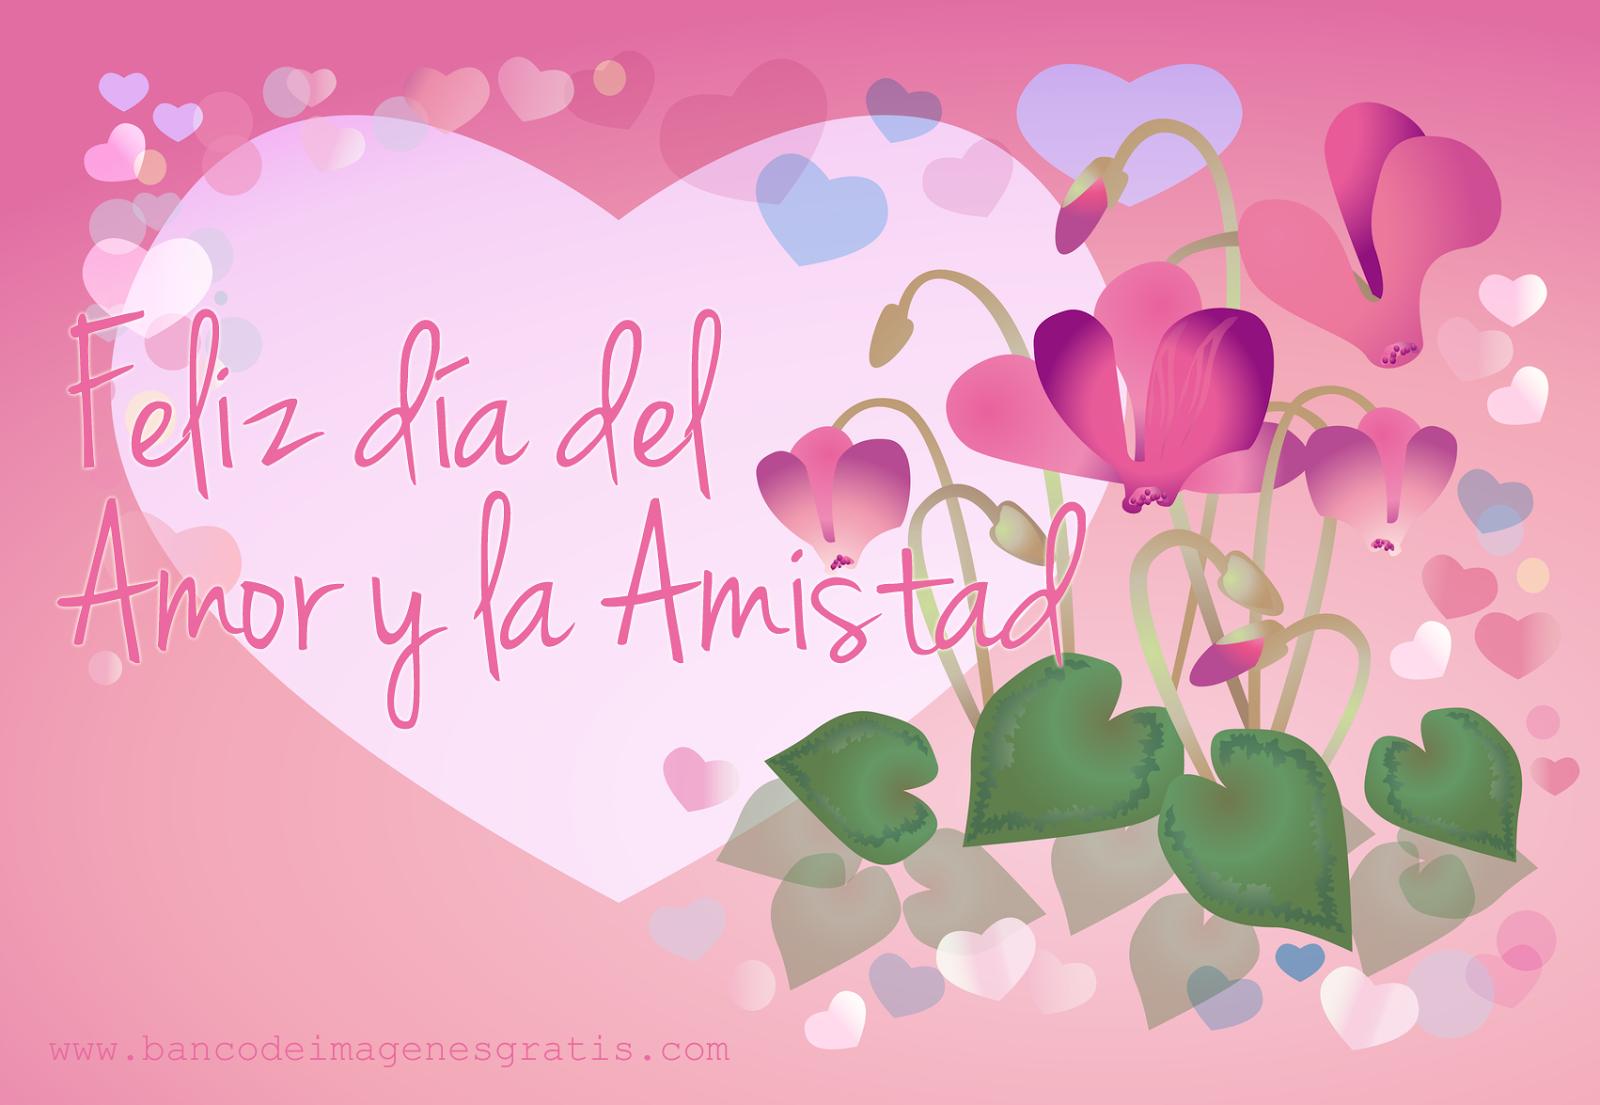 http://1.bp.blogspot.com/-mpIE28M2Duk/UPxk4unAKJI/AAAAAAABiFA/H0h1p7EyfCg/s1600/mensaje-feliz-dia-del-amor-y-la-amistad-postales-con-flores-y-corazone